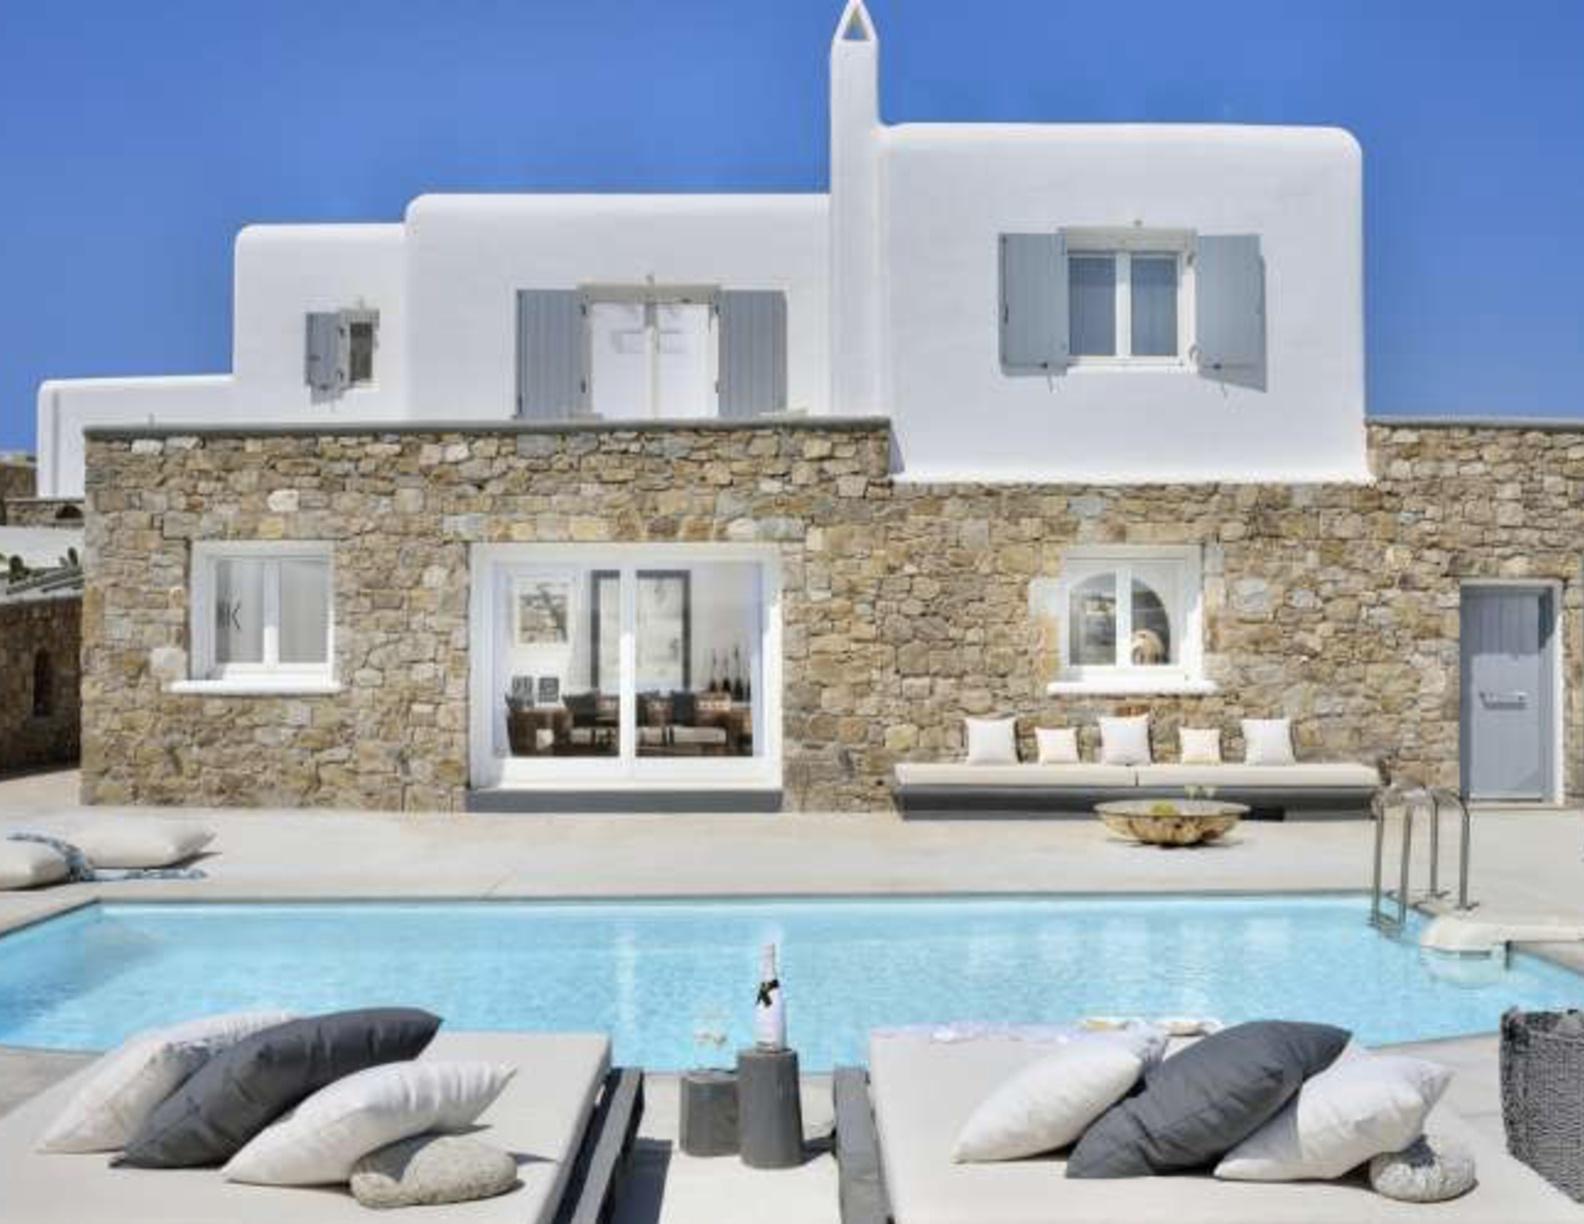 Villa-B,-Mykonos-compressed-005